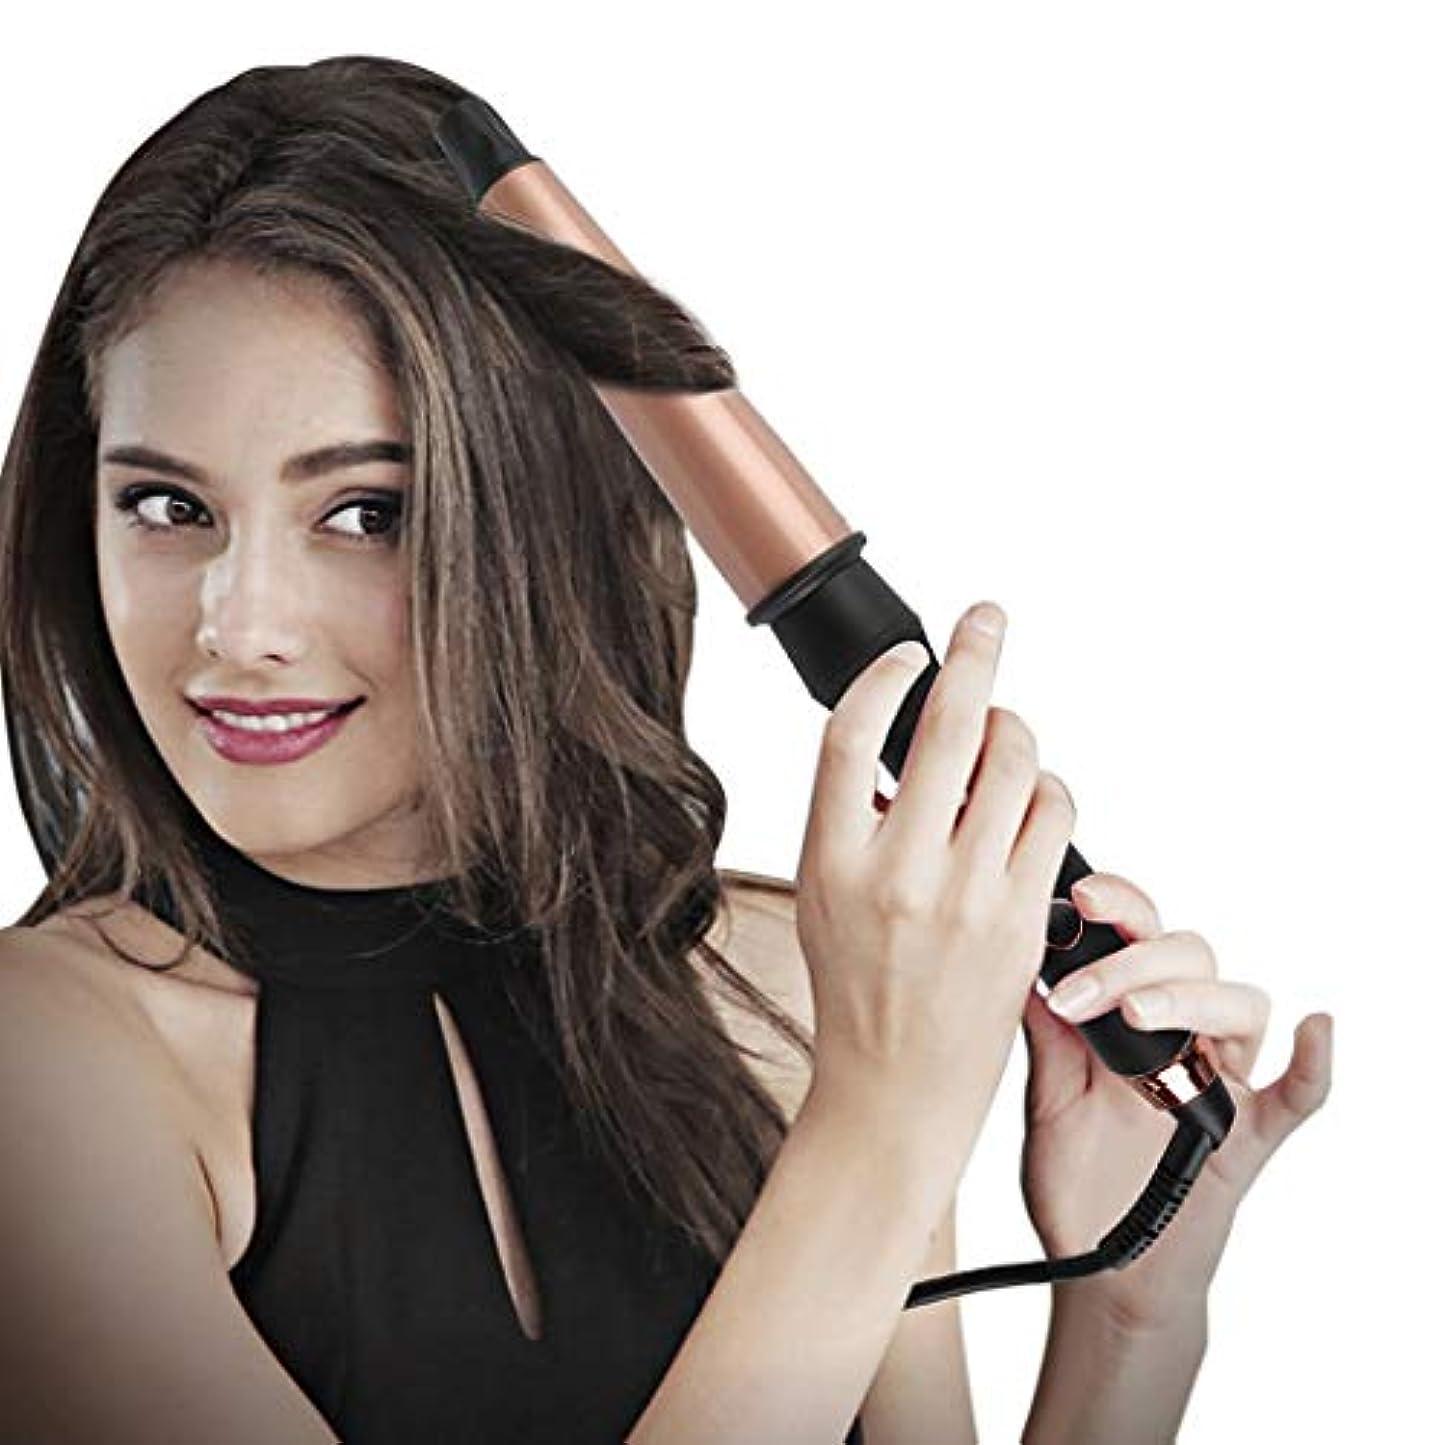 直感彼女好みトルマリンセラミックカーリング鉄カーリングアイロンスパイラルヘアスティック手袋を送信する髪カーラーパーマ液晶自動カーリングアイロンポータブルヘアカーラー髪を傷つけるしない